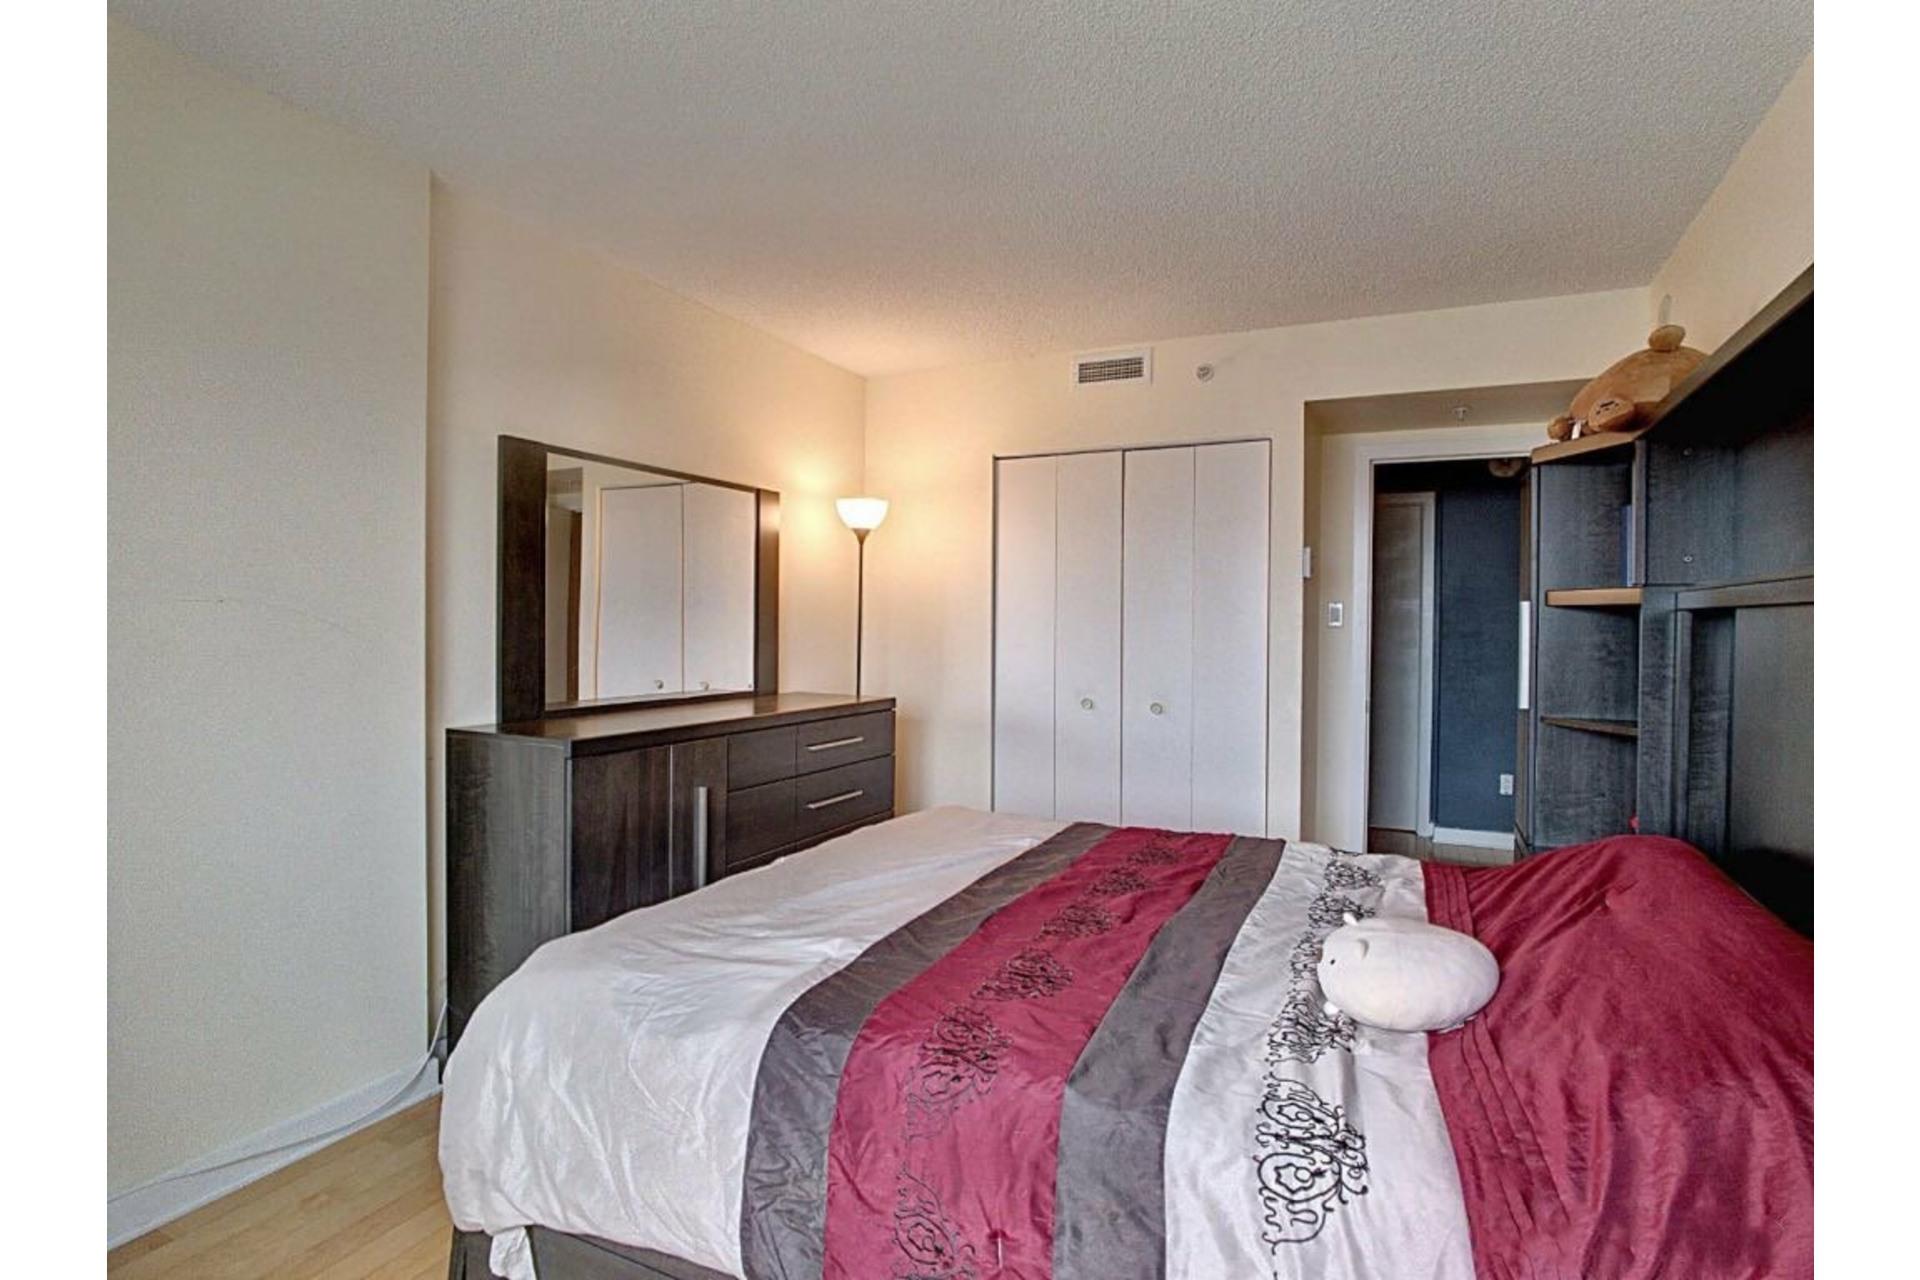 image 13 - Apartment For sale Ahuntsic-Cartierville Montréal  - 6 rooms